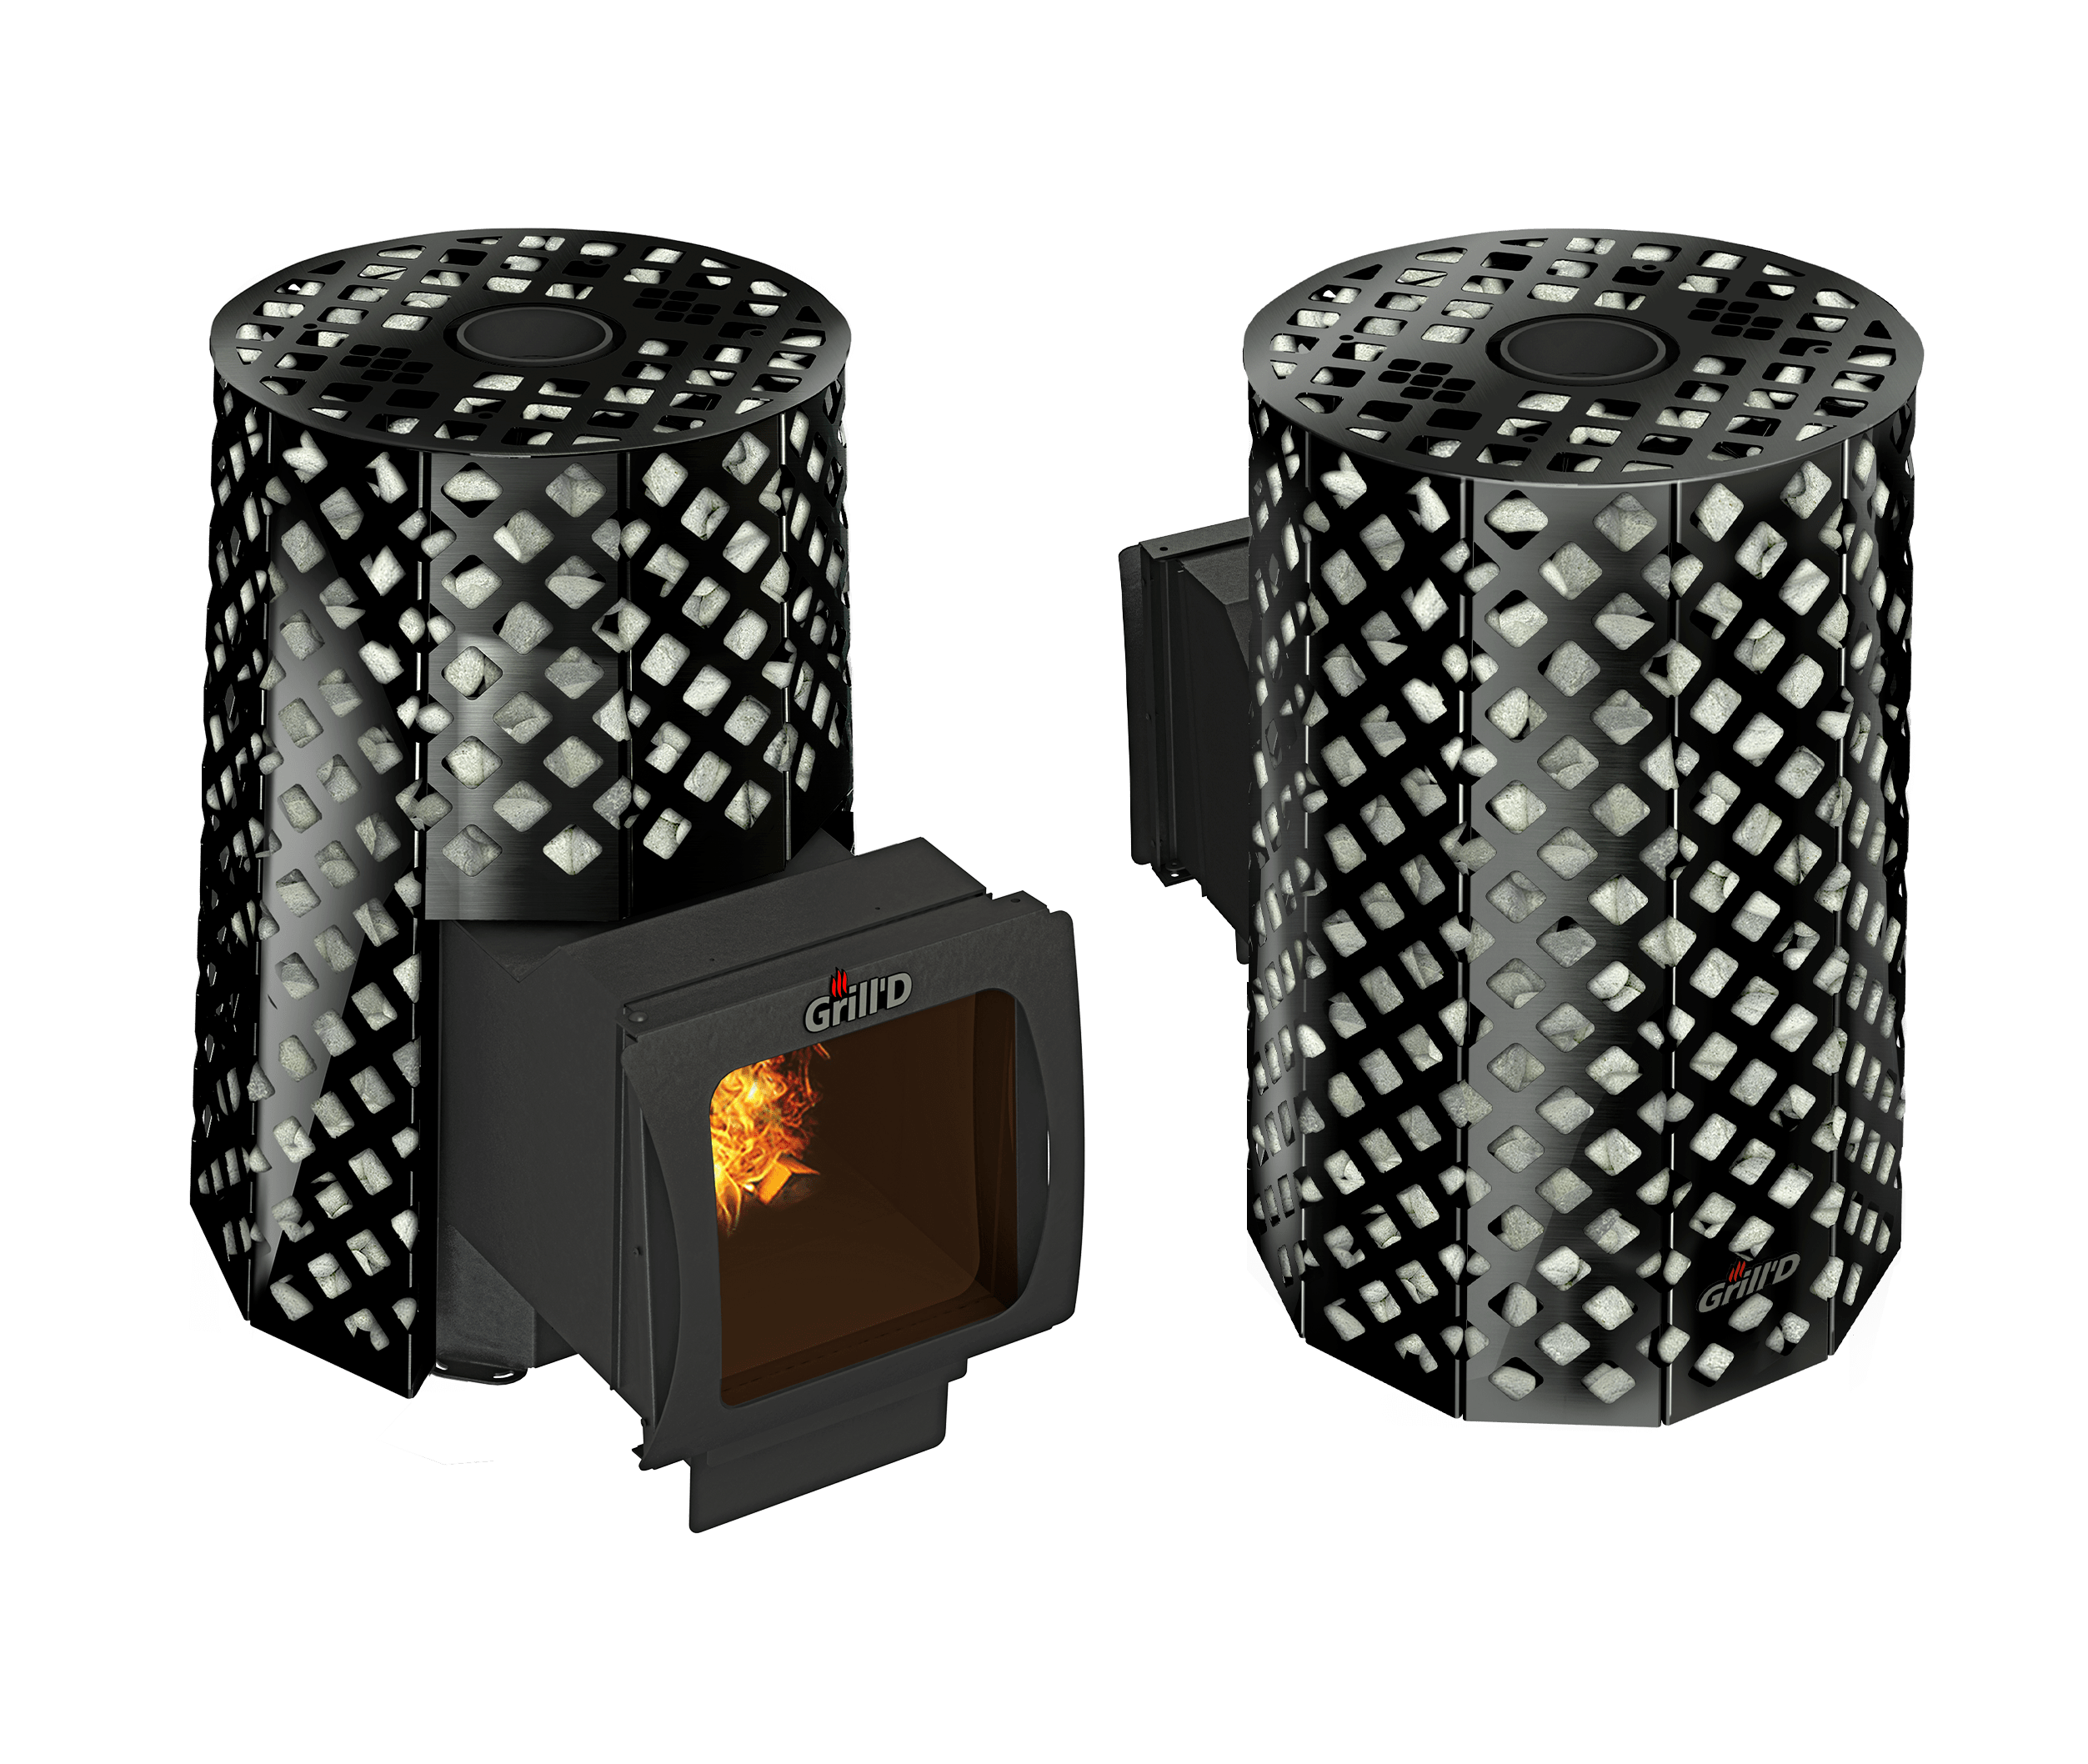 Банная печь Grill'D Violet Romb Long Window Max (Жадеит 100 кг)